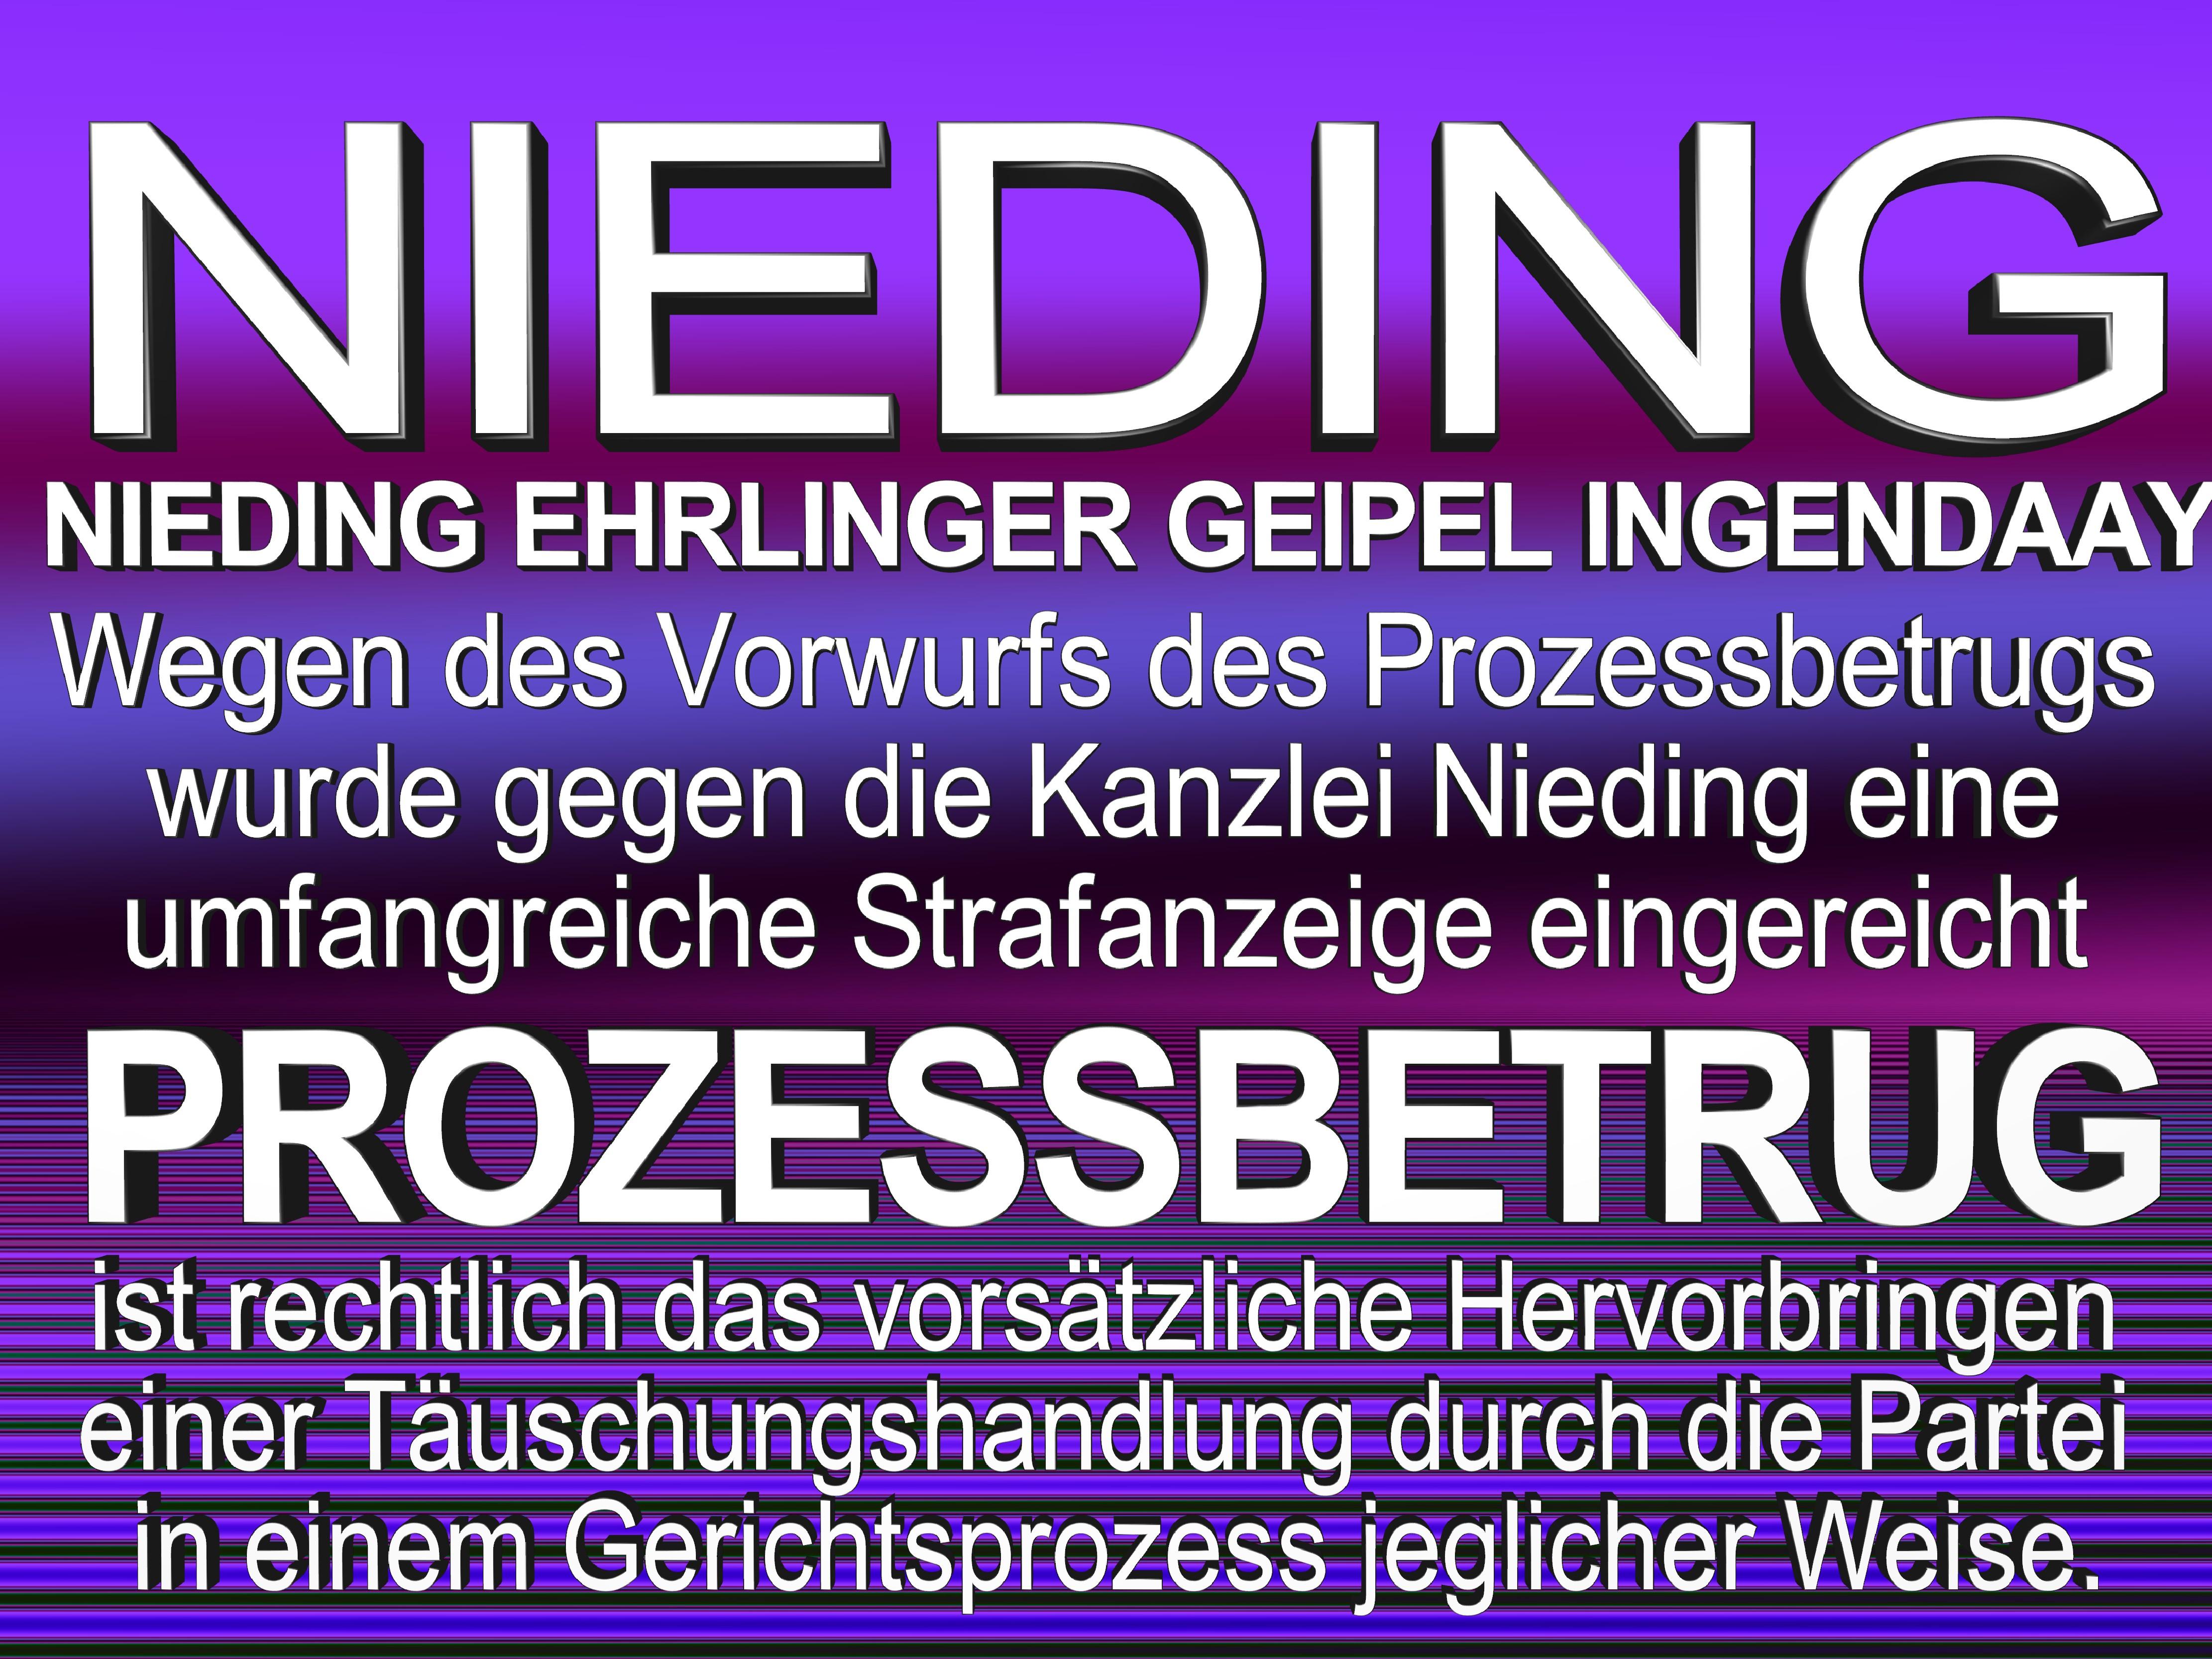 NIEDING EHRLINGER GEIPEL INGENDAAY LELKE Kurfürstendamm 66 Berlin Rechtsanwalt gewerblicher Rechtsschutz Rechtsanwälte(35)